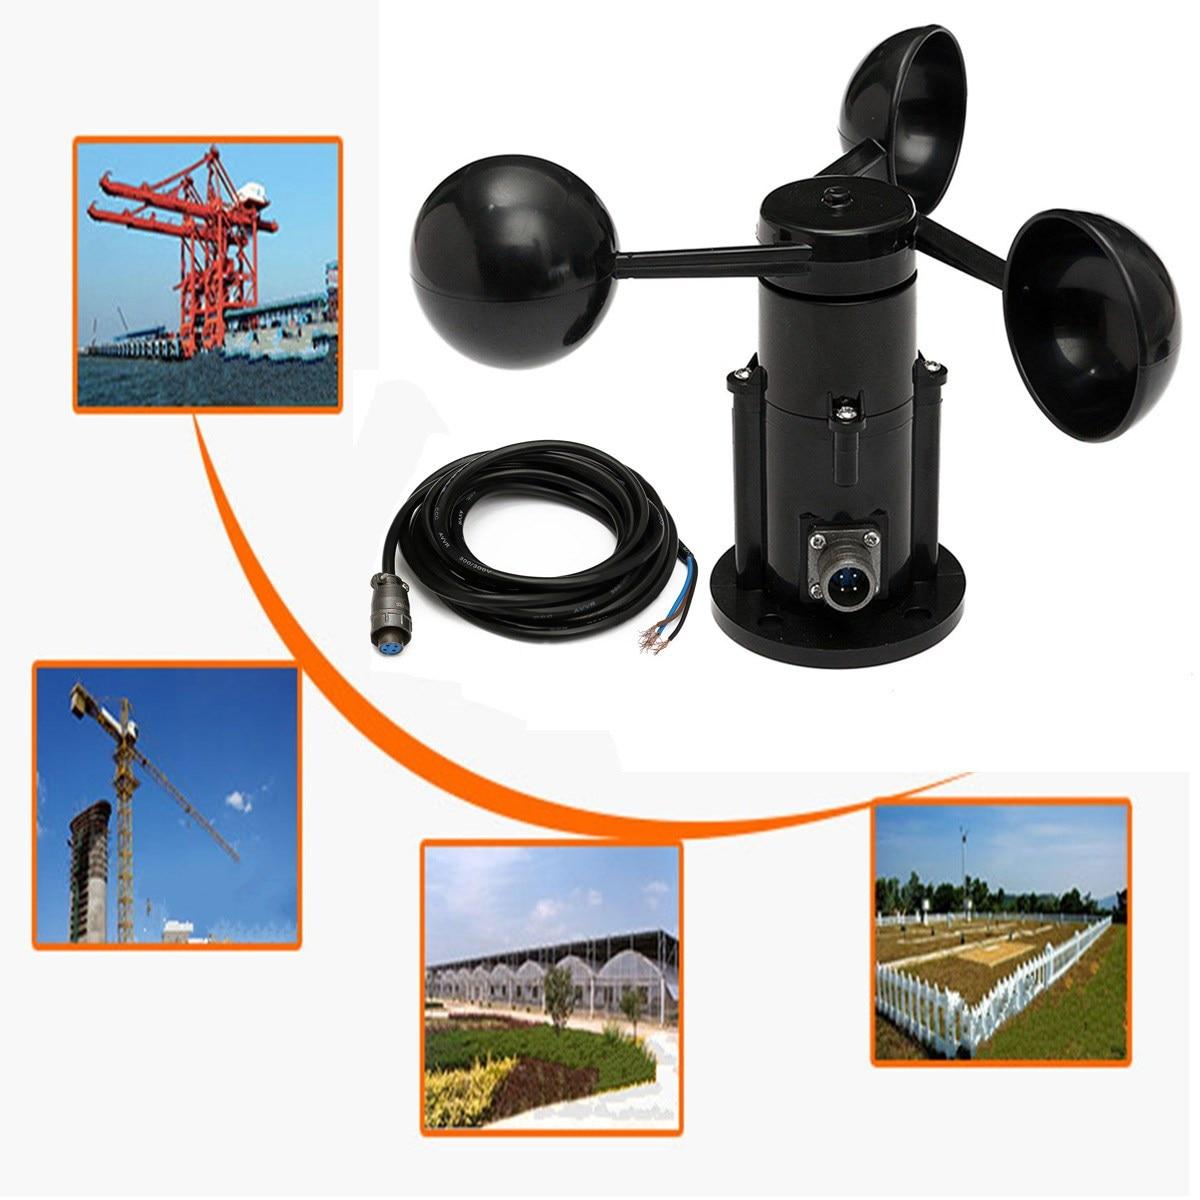 Новый 0-В 5 В напряжение Ветер датчики скорости 360 градусов Анемометр три чашки алюминий легированный цифровой импульсный сигнал Выход